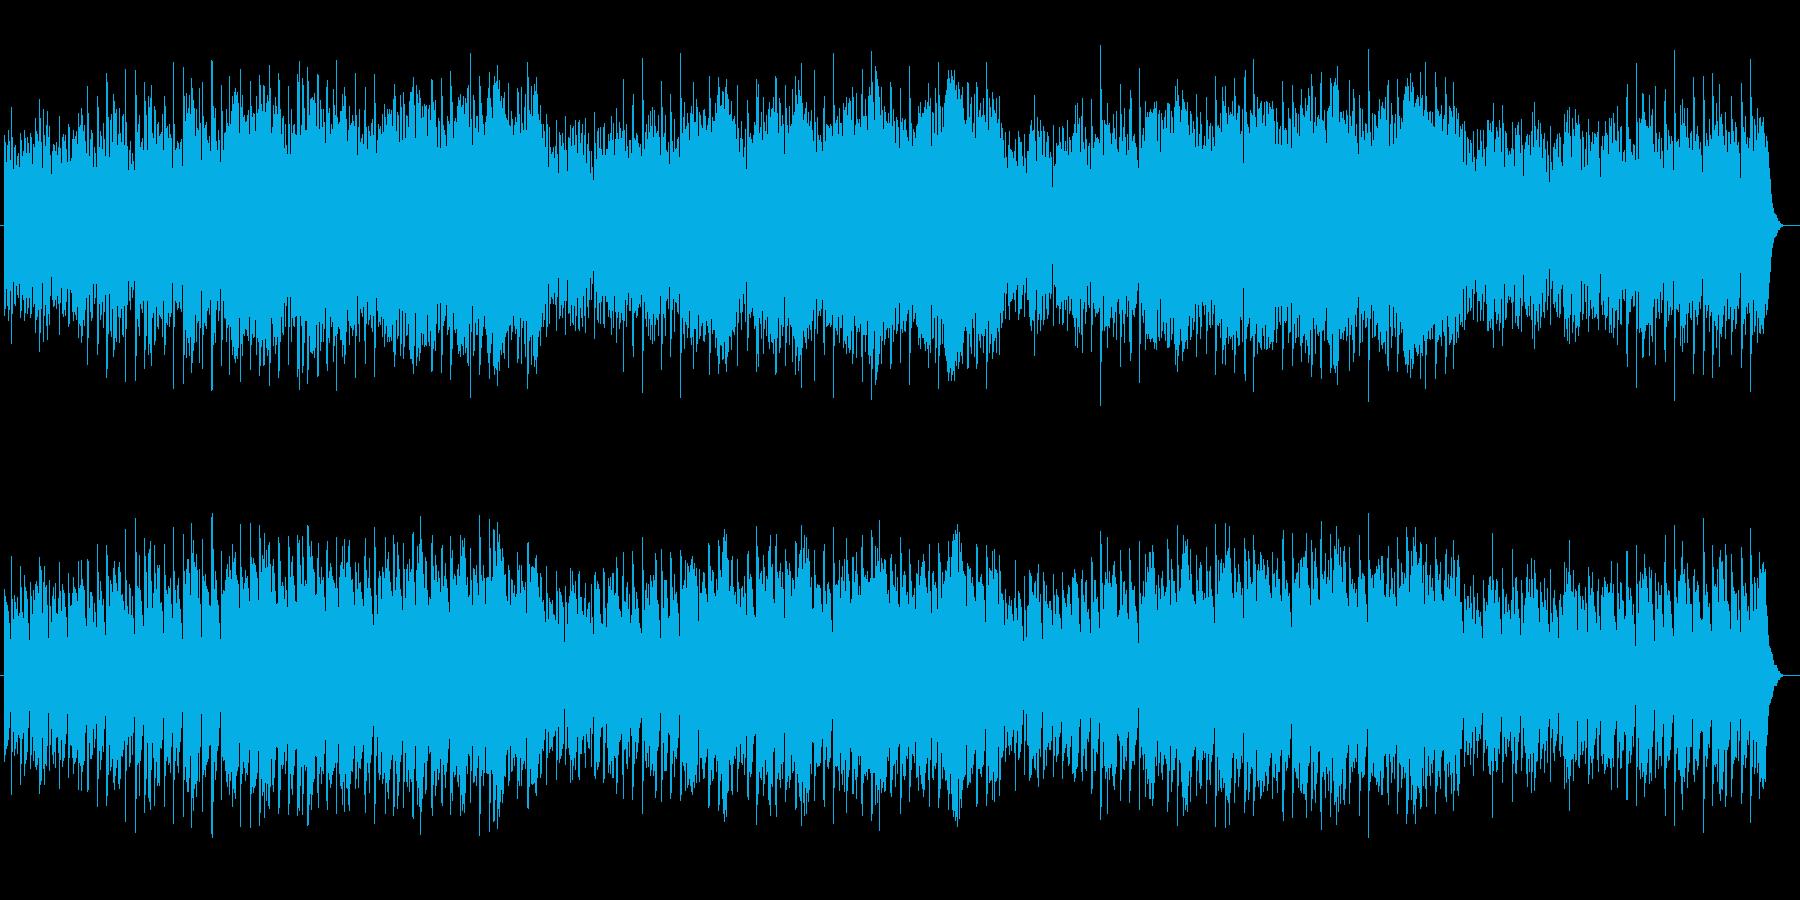 情緒とドラマ感のあるシンセサウンドの再生済みの波形